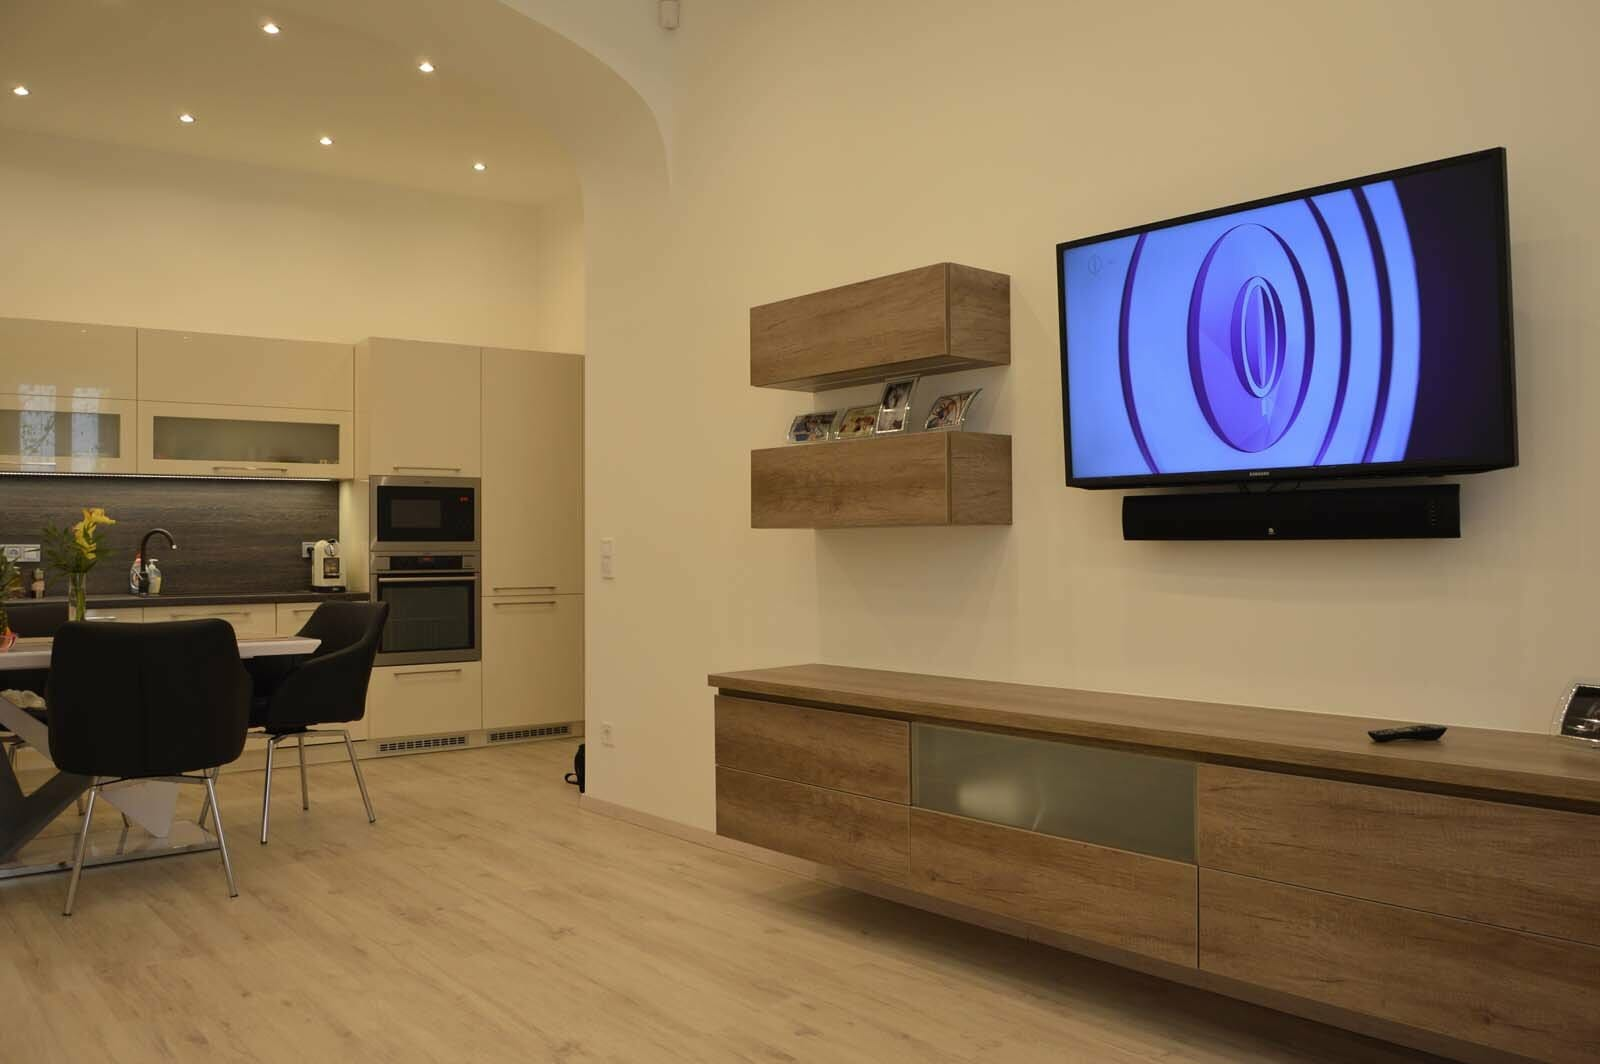 Egyedi nappali bútor készítés lebegő-fiókos szekrénnyel üveg előlapos médiarésszel konyhabútorral egy légtérbe amerikai kivitelbe